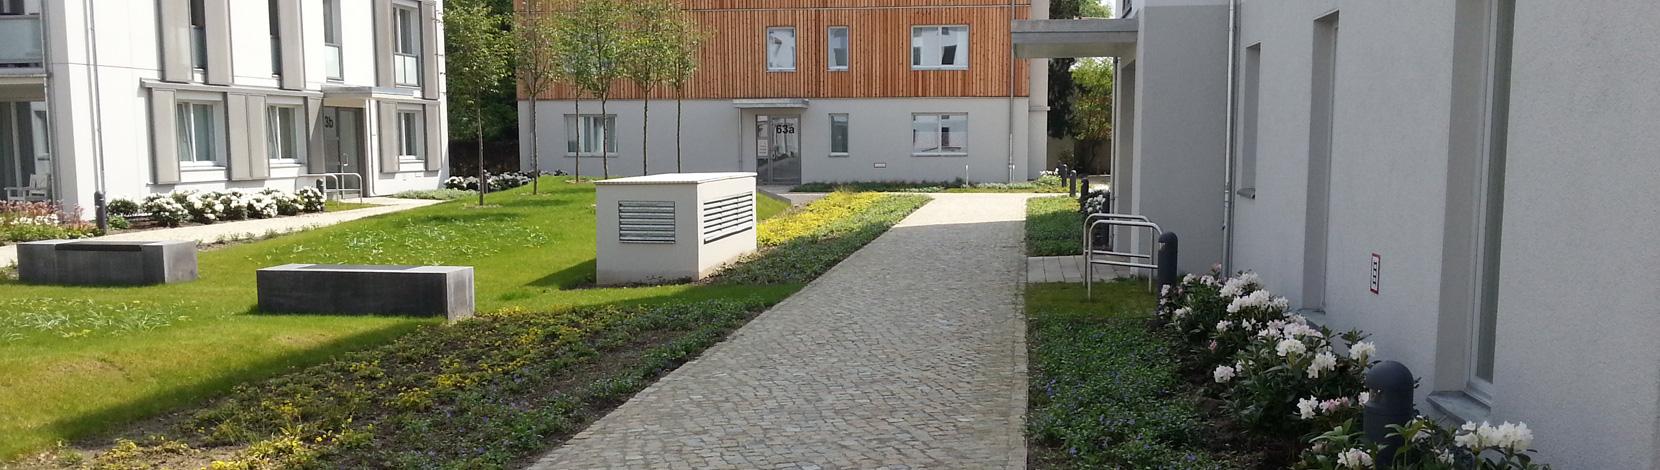 Grünanlagenservice und Landschaftsbau